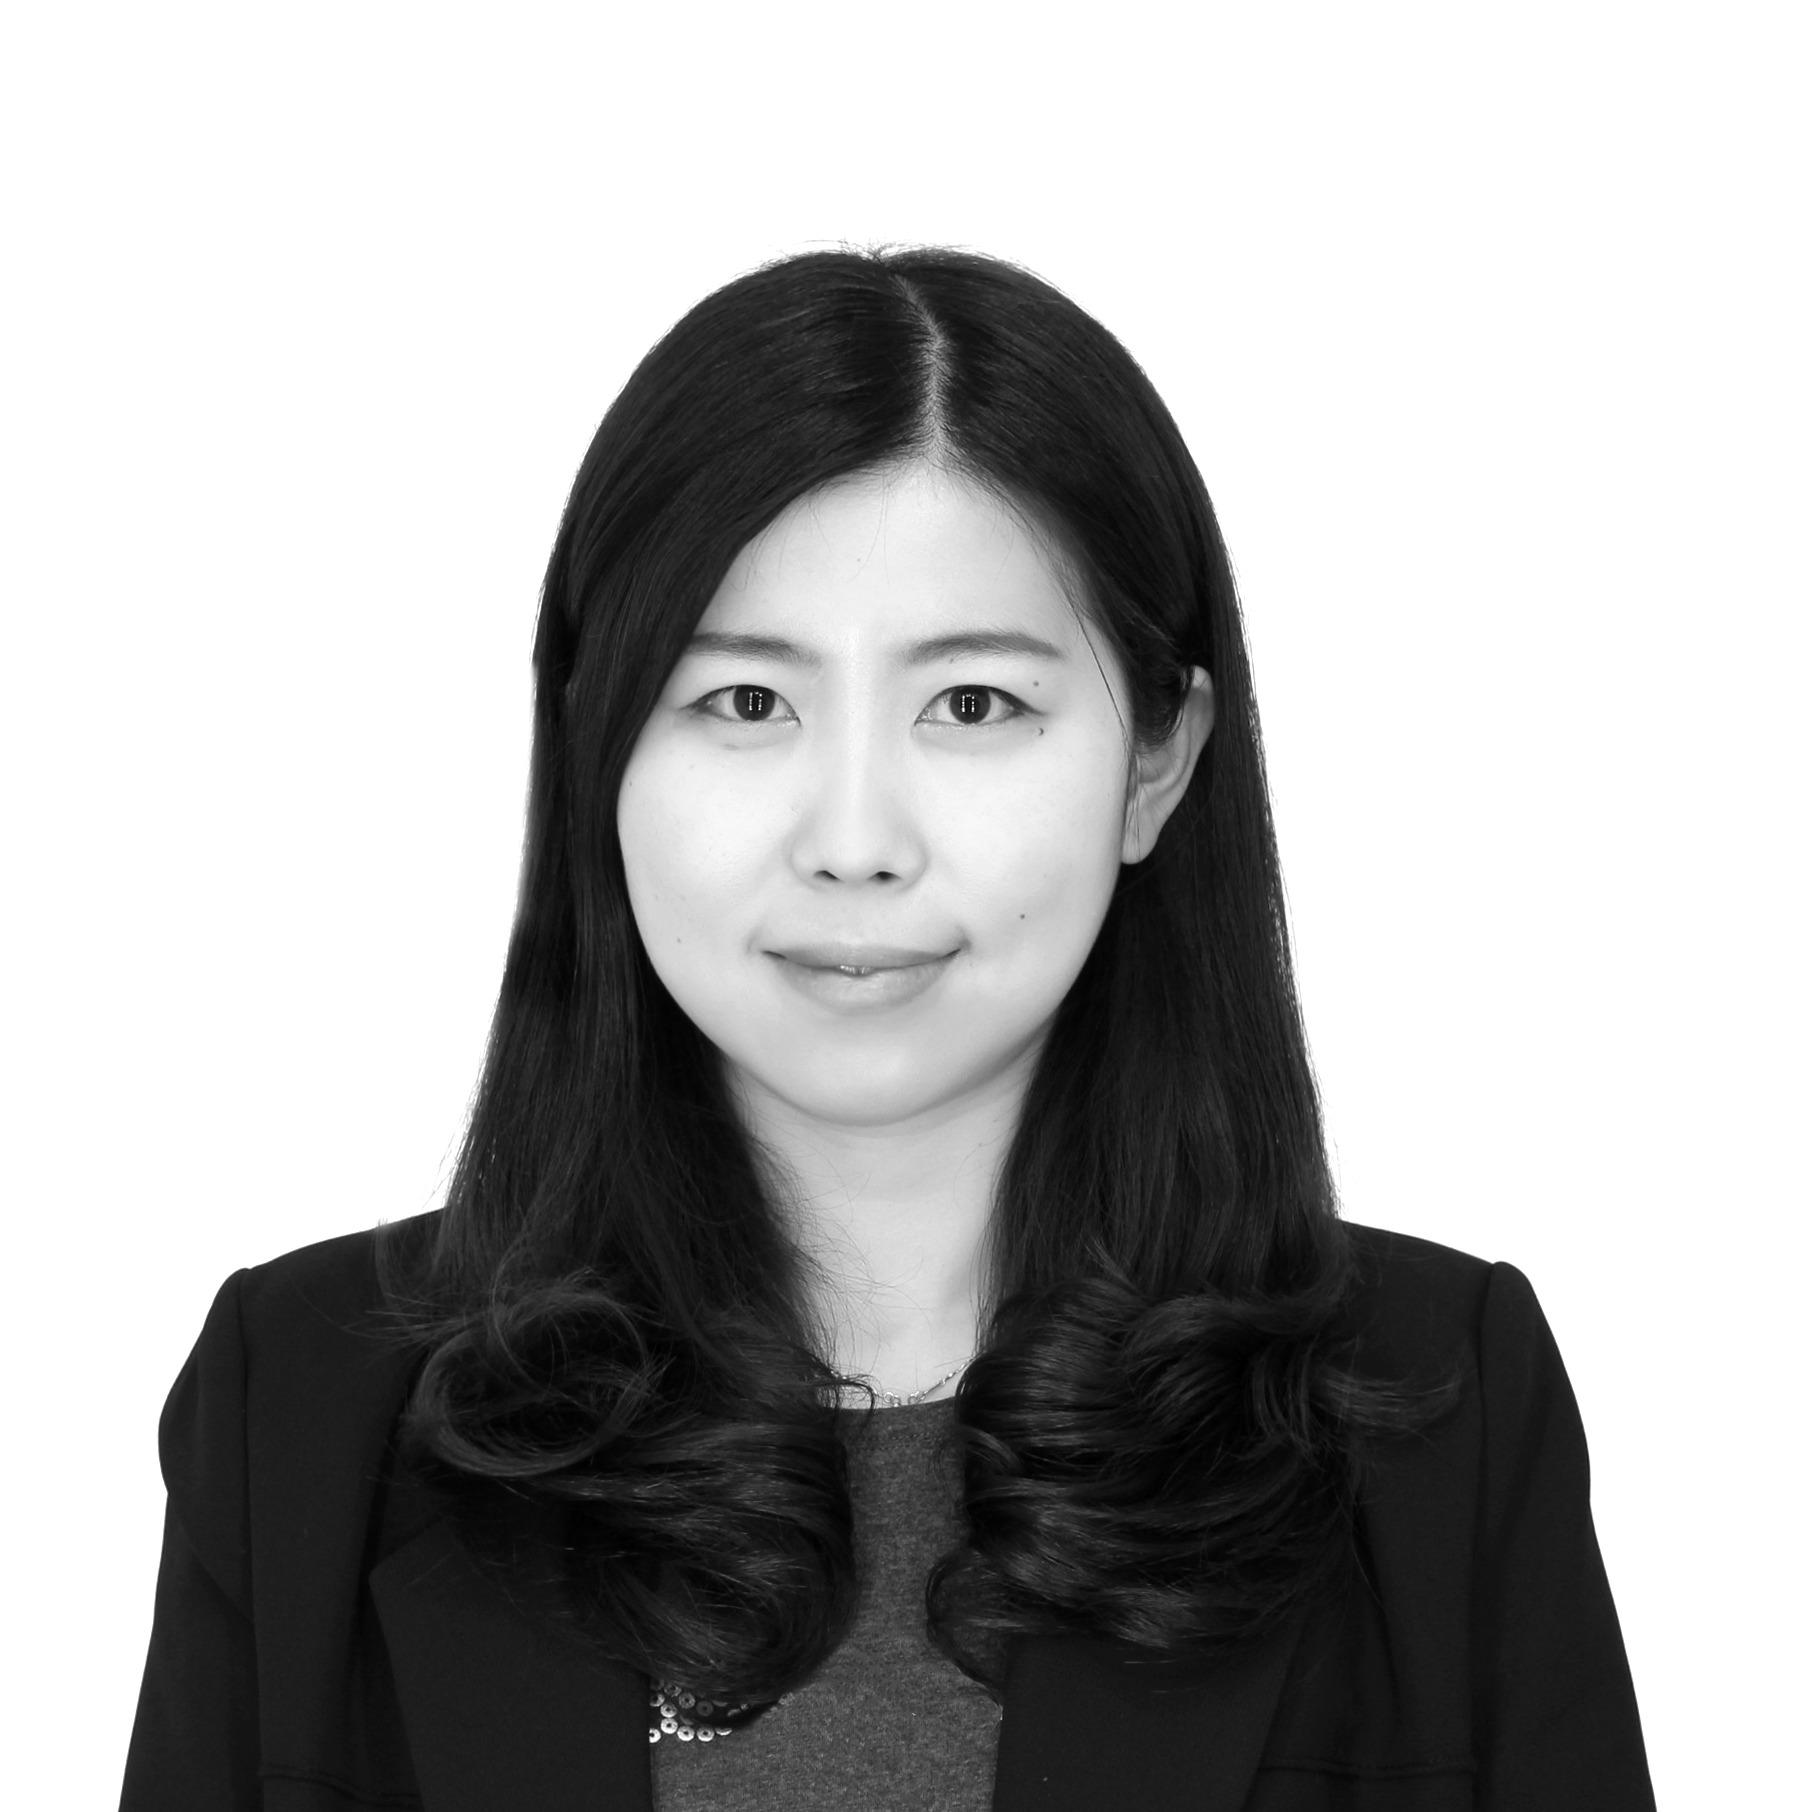 Melody Zhuang Jie